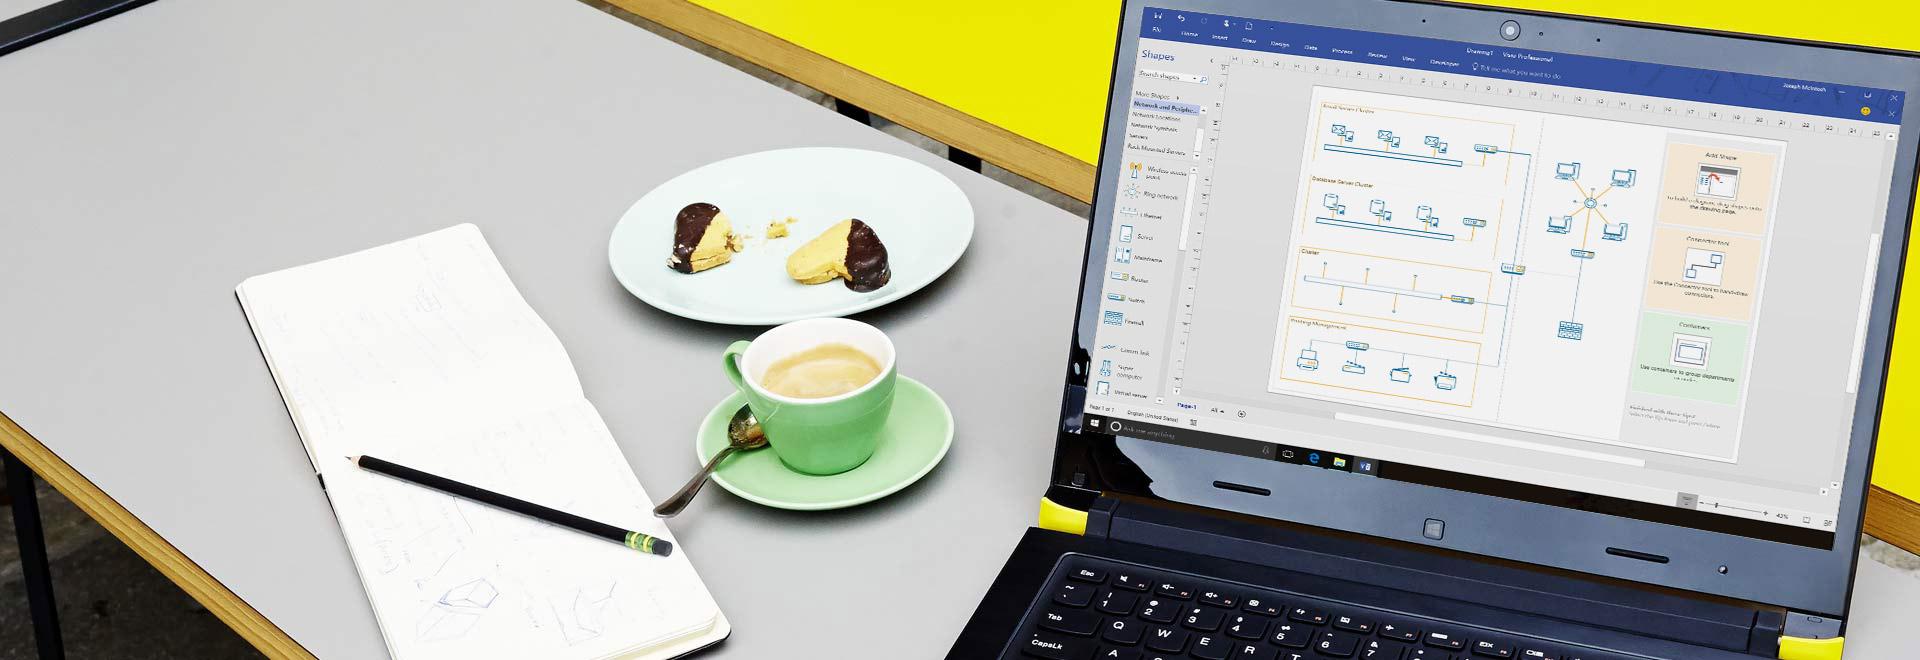 Cận cảnh một máy tính xách tay đặt trên bàn, hiển thị một sơ đồ Visio cùng dải băng và ngăn chỉnh sửa